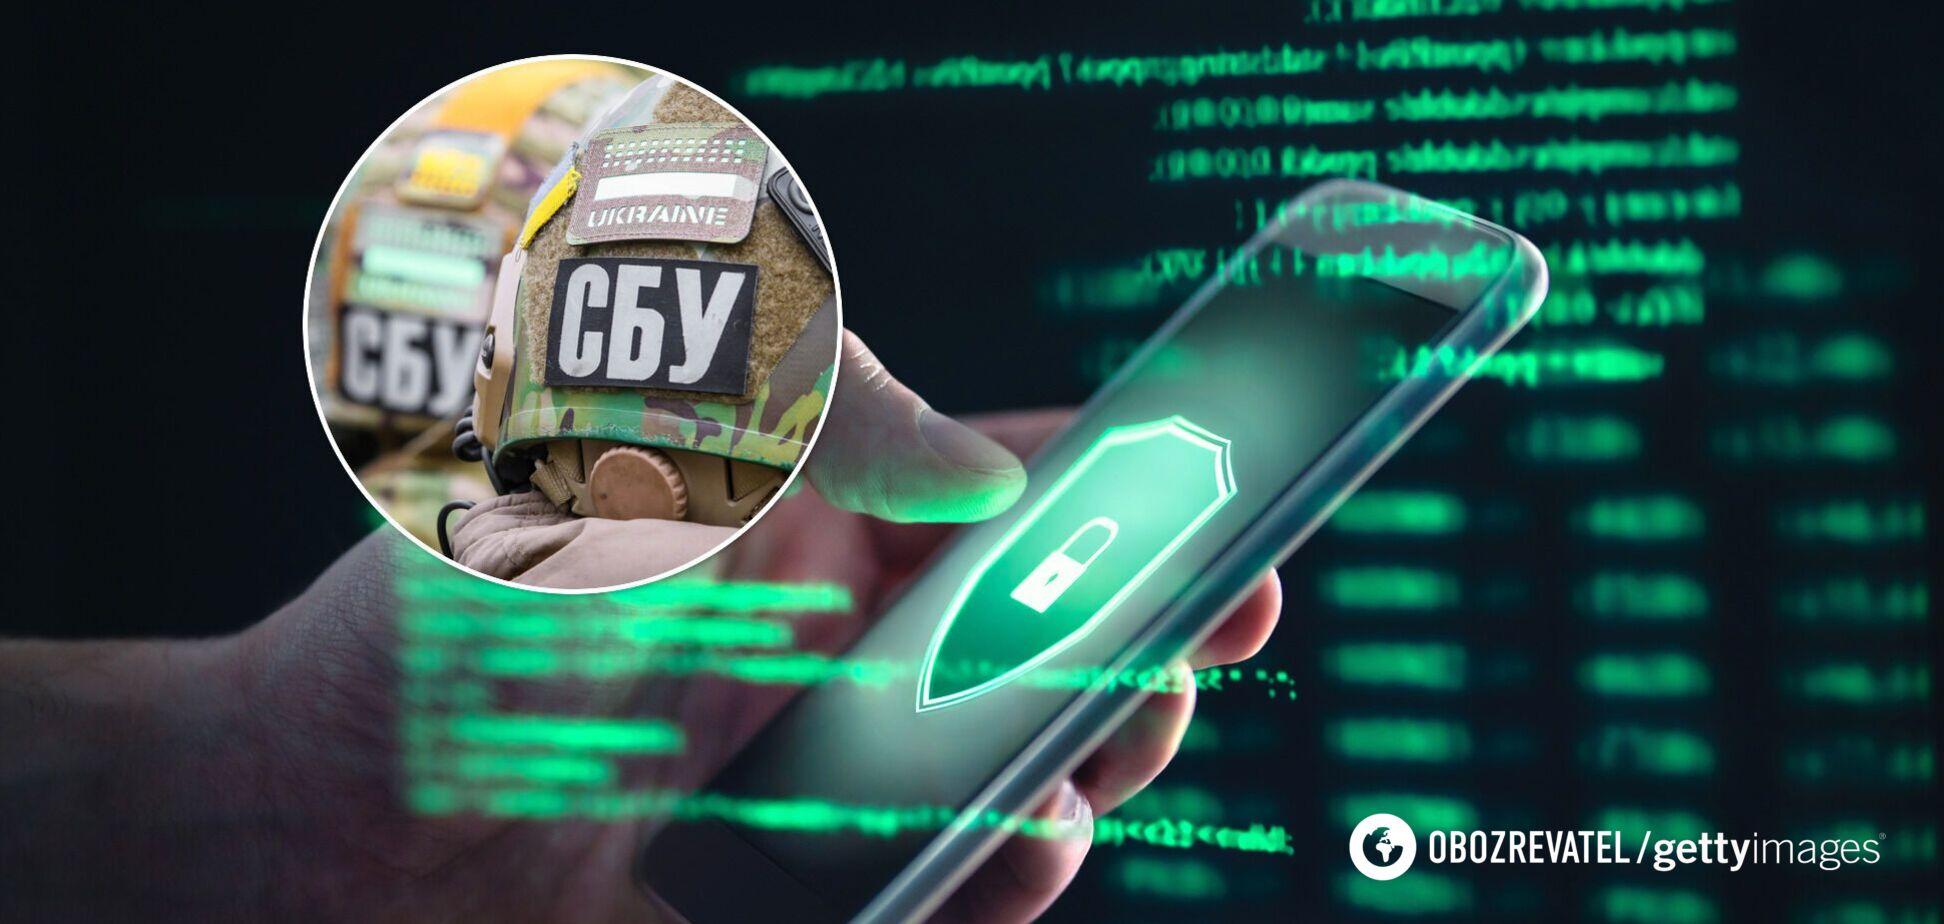 СБУ відбила хакерську атаку спецслужб РФ на держоргани України